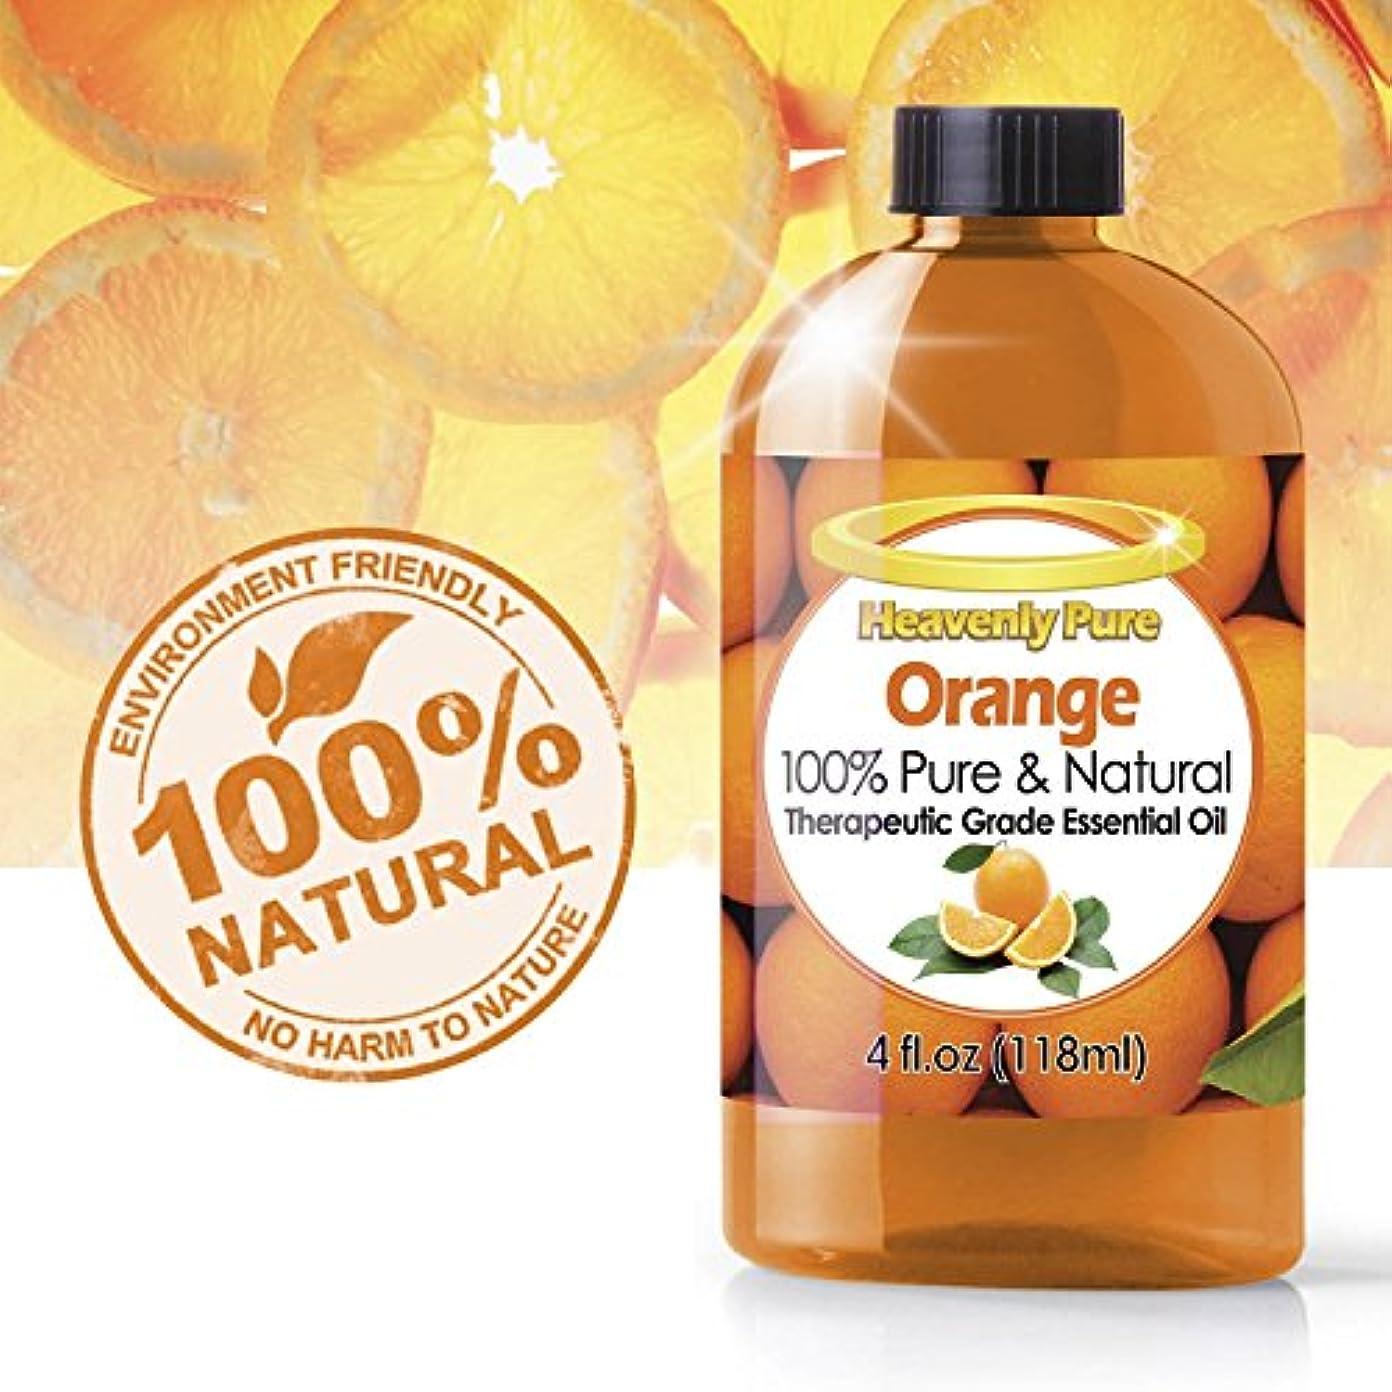 非難する獲物ルーフオレンジエッセンシャルオイル(HUGE 4 OZ)アイドロップ剤 - 100%ピュア&ナチュラルスイートシトラスアロマ - 治療グレード - オレンジオイルはアロマセラピー、イミュニティ、天然抗菌、および洗浄に最適です